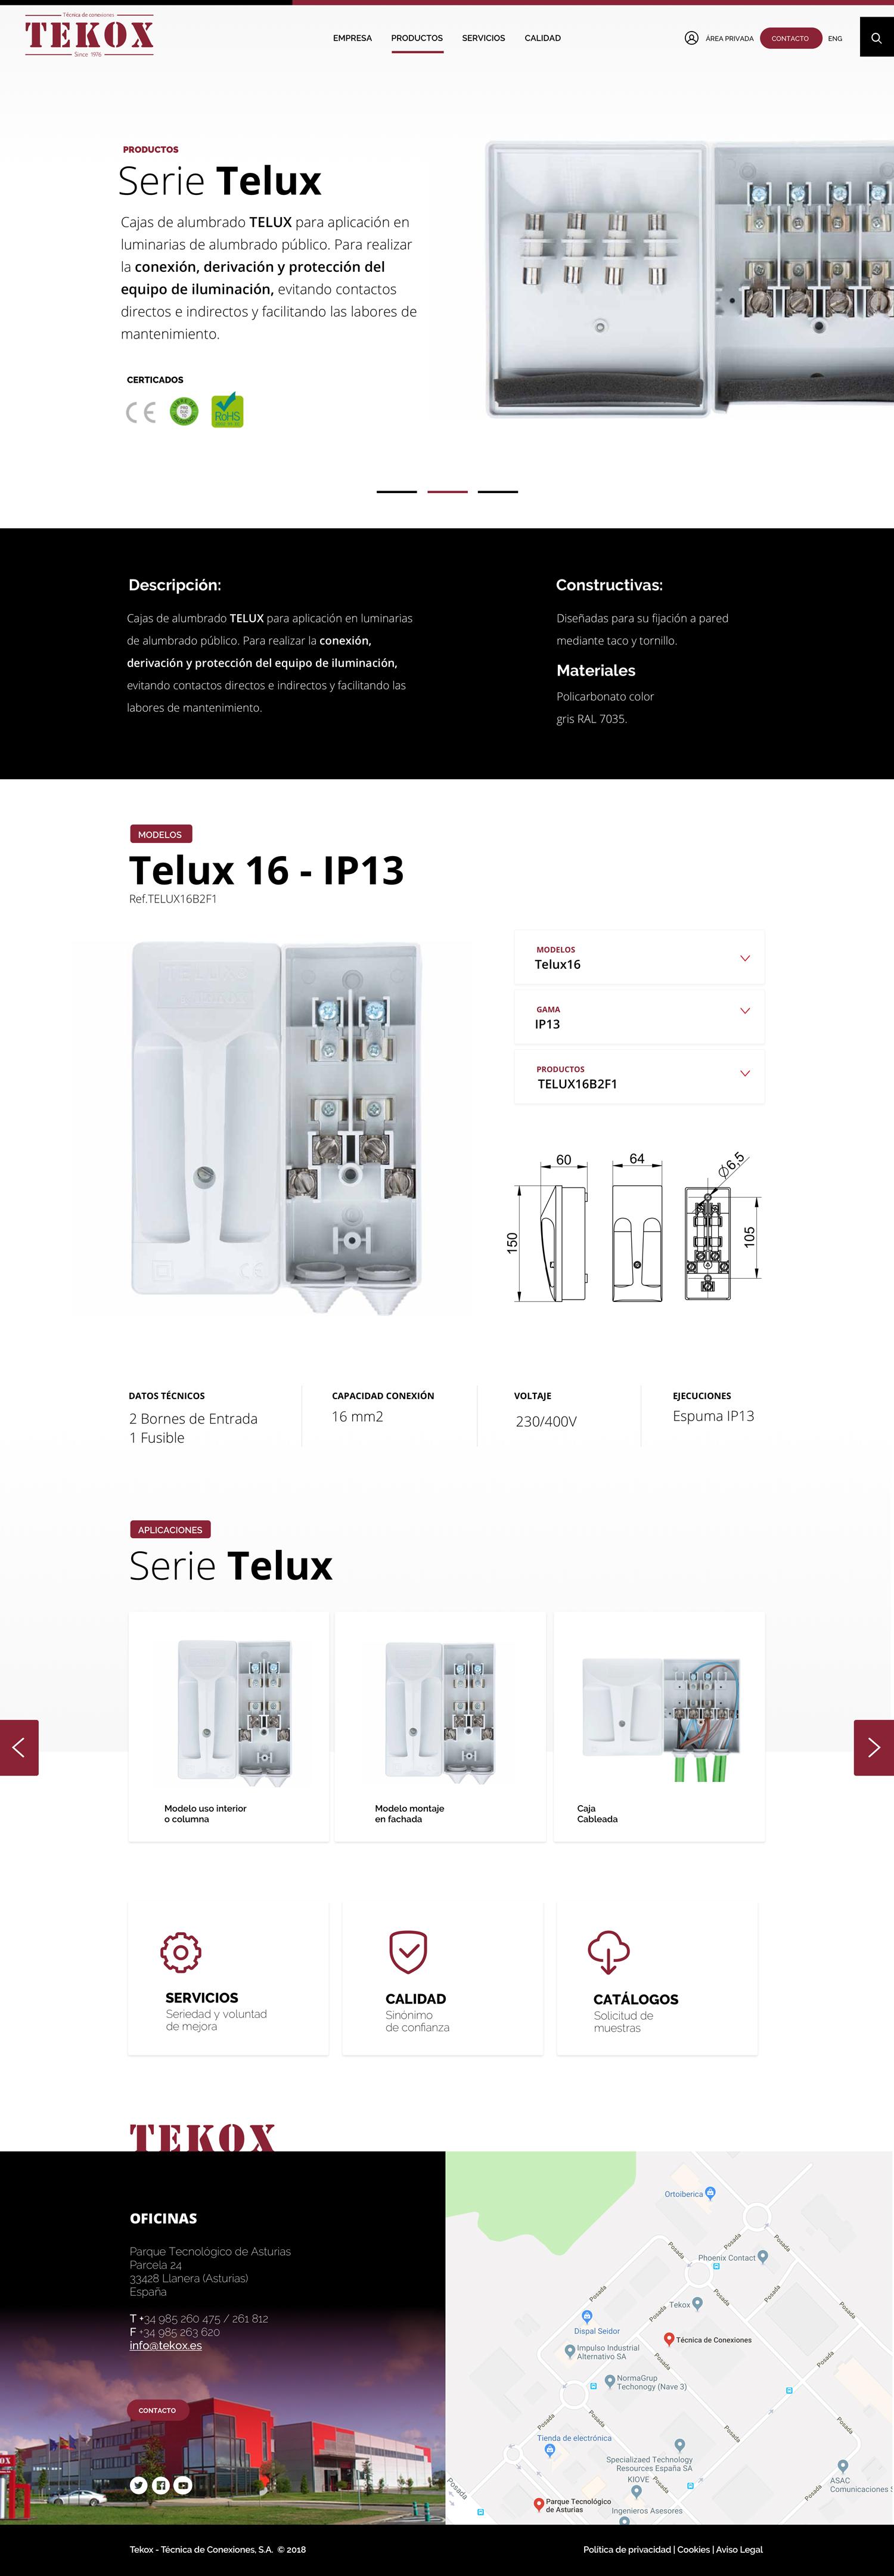 Técnica de Conexiones Tekox catalogo de productos